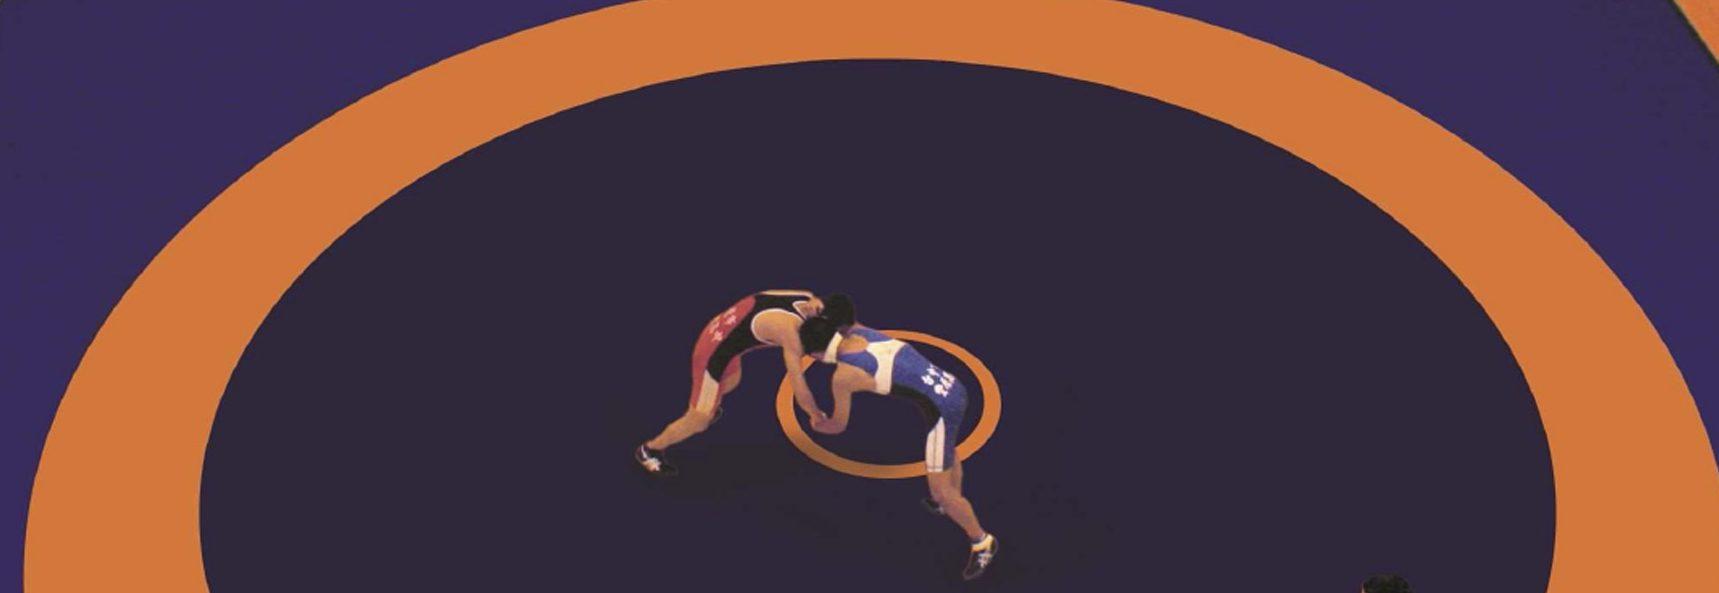 борцовский ковёр, спортивное покрытие